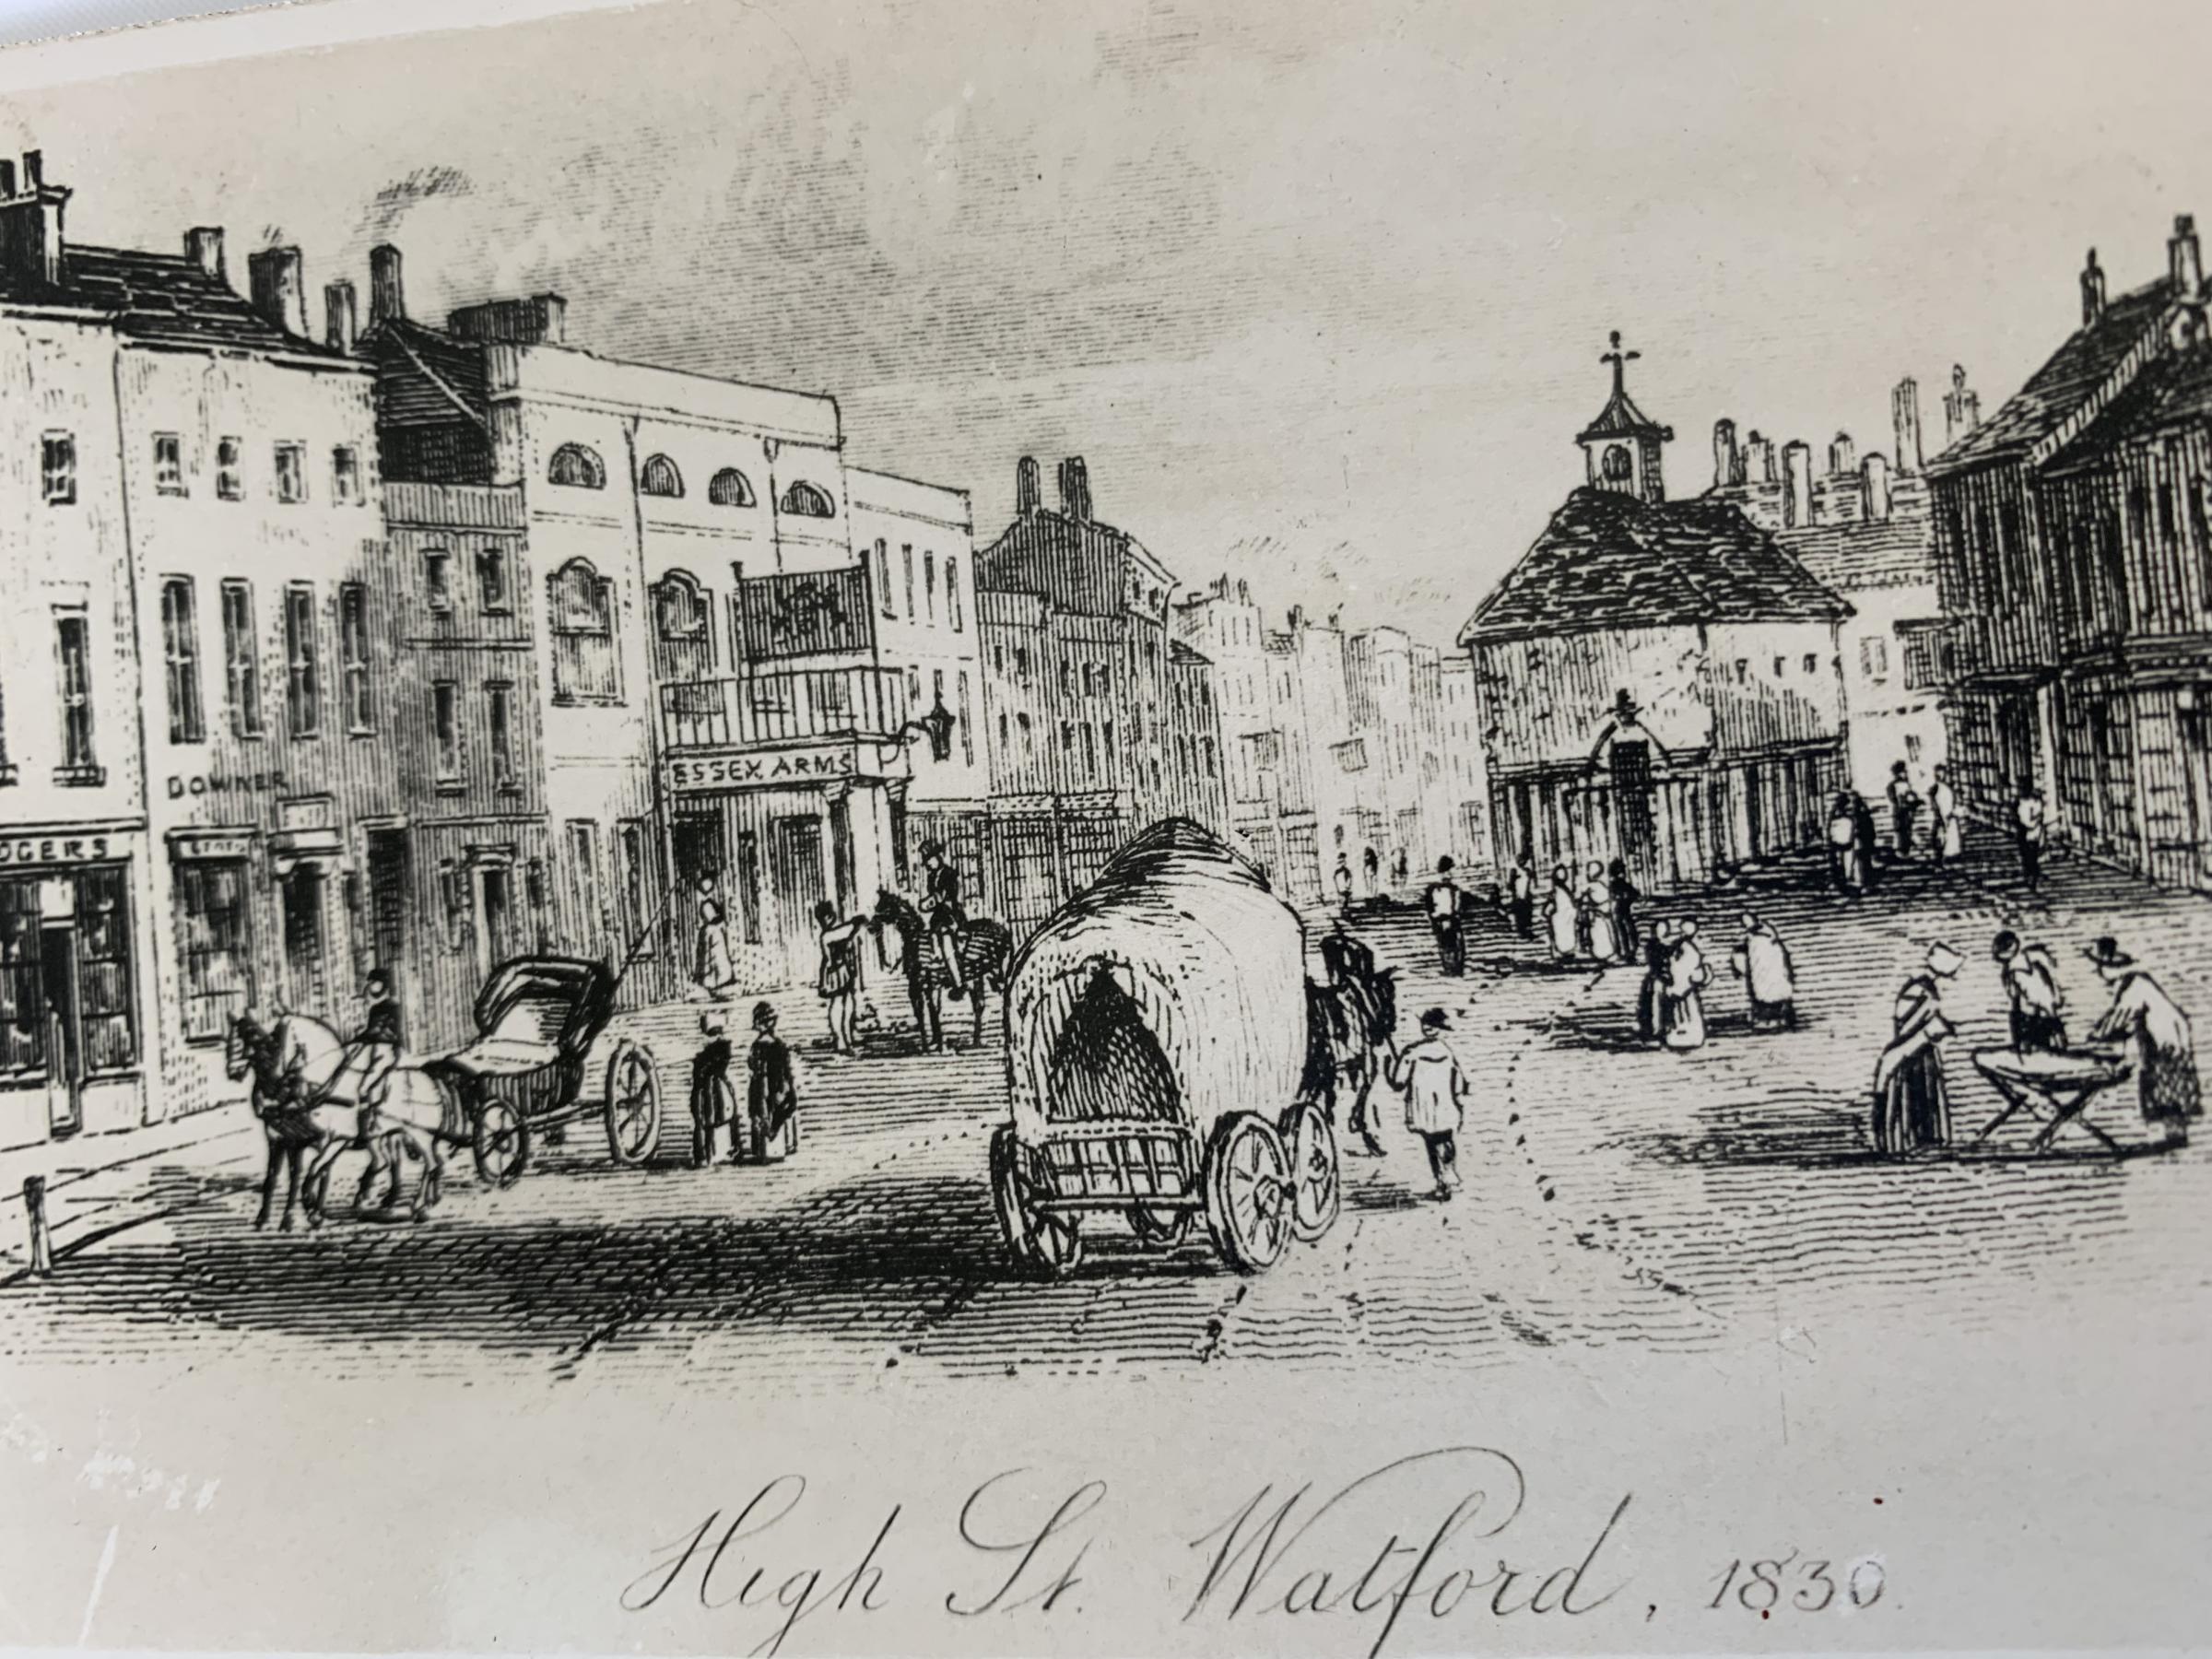 Market Place 1830